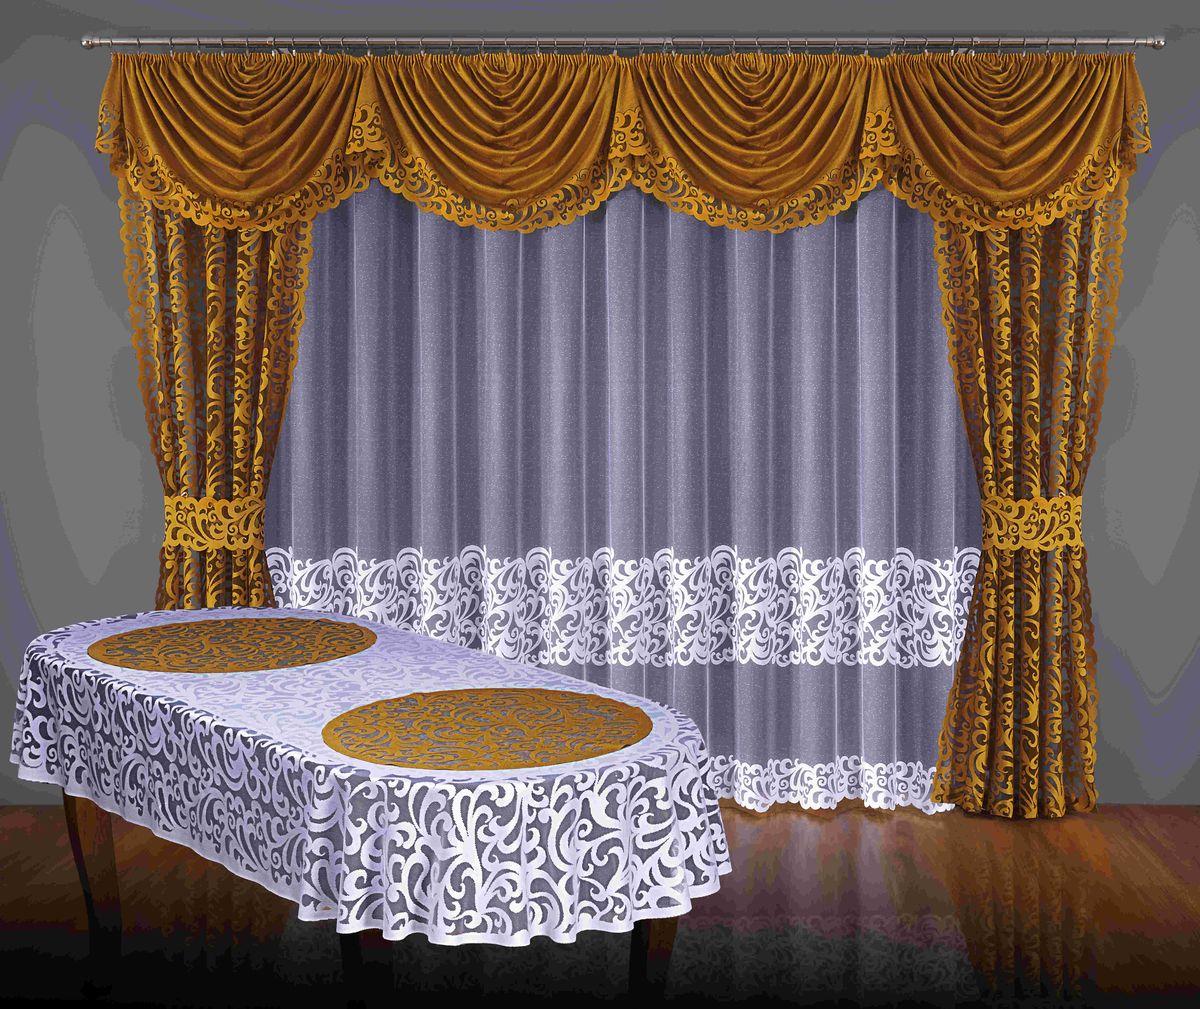 Комплект штор Wisan Modena, на ленте, цвет: золотой, белый, высота 250 см043WКомплект штор Wisan Modena выполненный из полиэстера, великолепно украсит любое окно. Тонкое плетение, оригинальный дизайн привлекут к себе внимание и органично впишутся в интерьер. В комплект входят 2 шторы, тюль, ламбрекен и 2 подхвата. Кружевной узор придает комплекту особый стиль и шарм. Тонкое жаккардовое плетение, нежная цветовая гамма и роскошное исполнение - все это делает шторы Wisan Modena замечательным дополнением интерьера помещения. Комплект оснащен шторной лентой для красивой сборки. В комплект входит: Штора - 2 шт. Размер (ШхВ): 145 см х 250 см. Тюль - 1 шт. Размер (ШхВ): 400 см х 250 см. Ламбрекен - 1 шт. Размер (ШхВ): 350 см х 55 см. Подхваты - 2 шт. Фирма Wisan на польском рынке существует уже более пятидесяти лет и является одной из лучших польских фабрик по производству штор и тканей. Ассортимент фирмы представлен готовыми комплектами штор для гостиной, детской, кухни, а также текстилем для кухни...